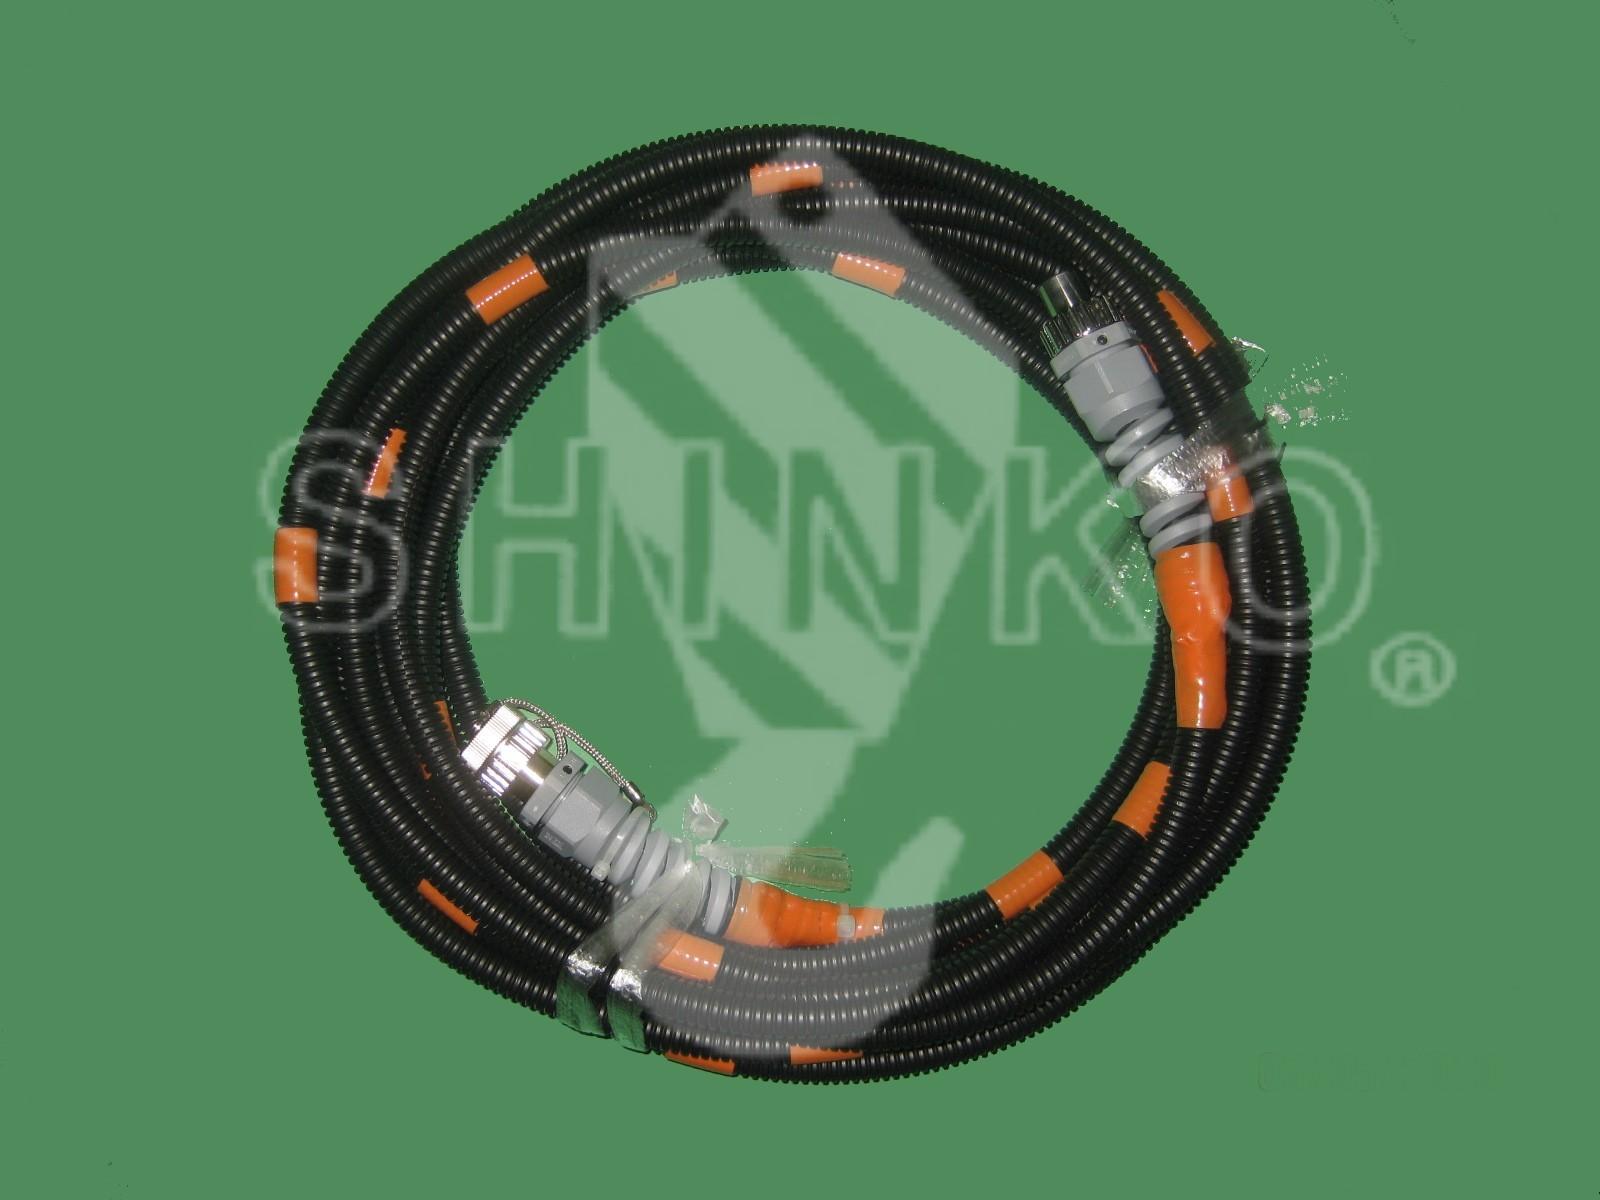 Optical Cord